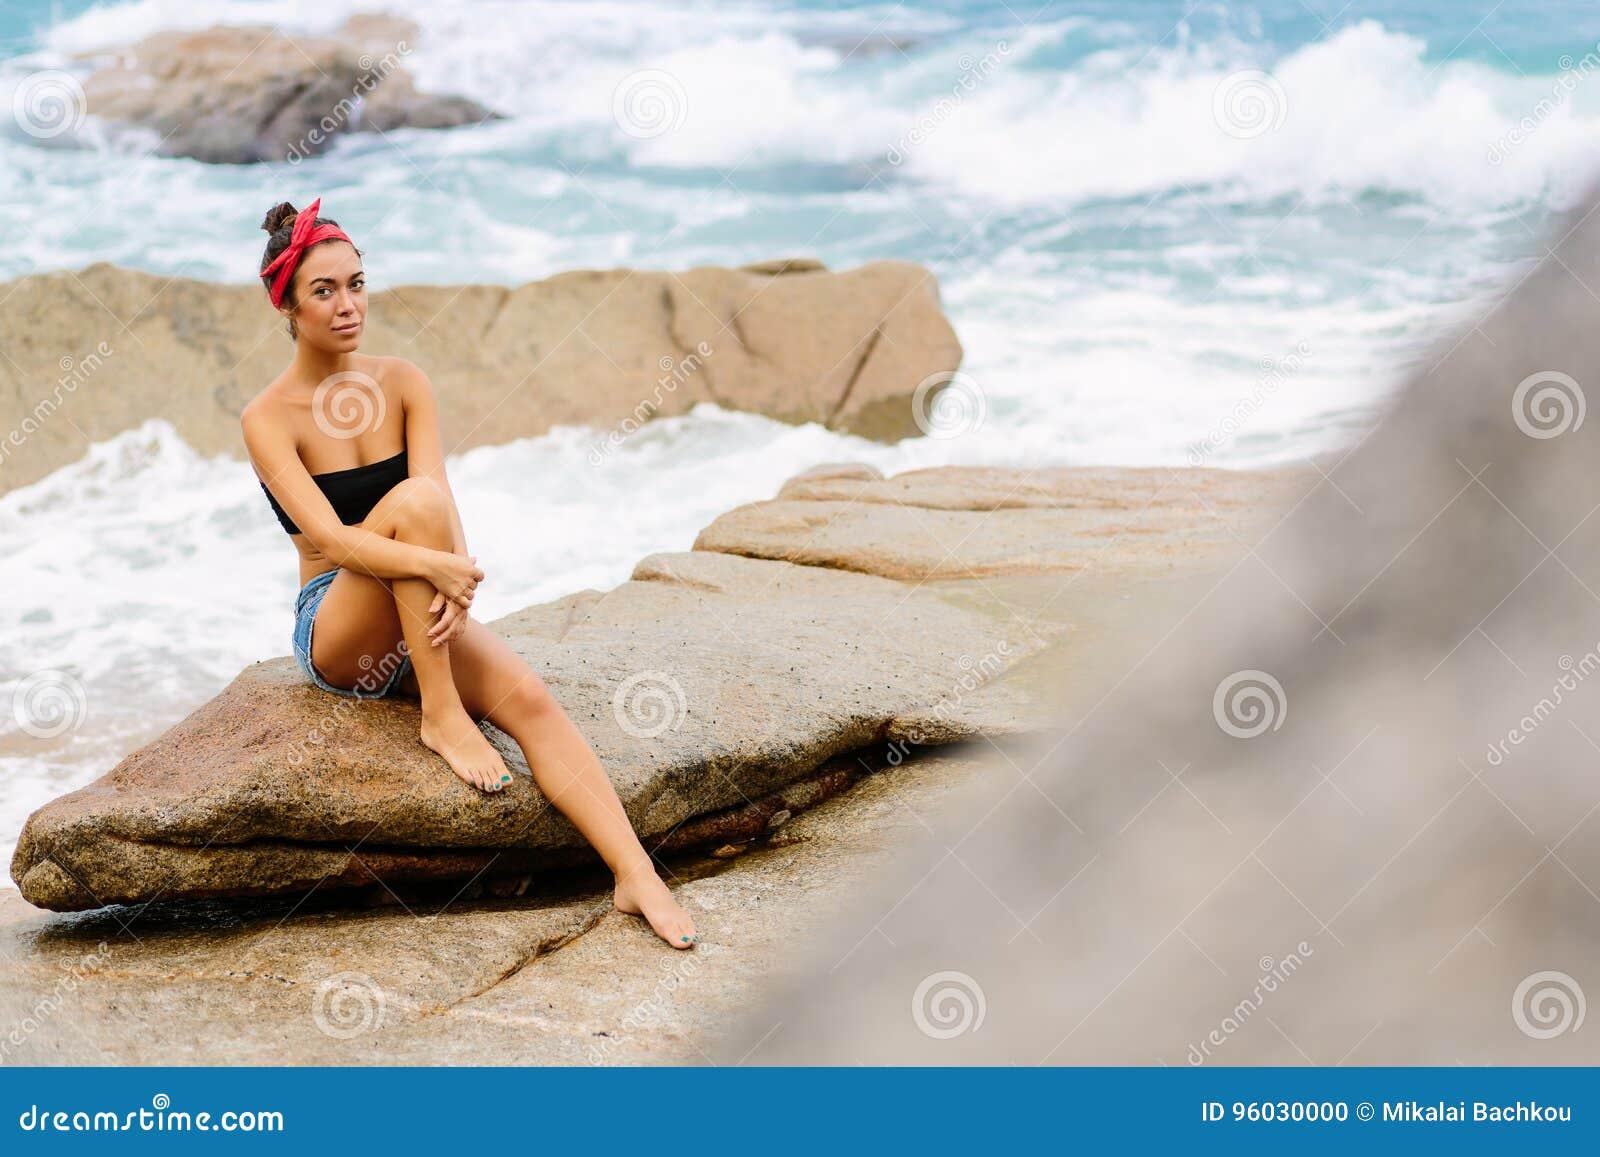 Piękna dziewczyna w krótkich skrótach siedzi na dużych kamieniach